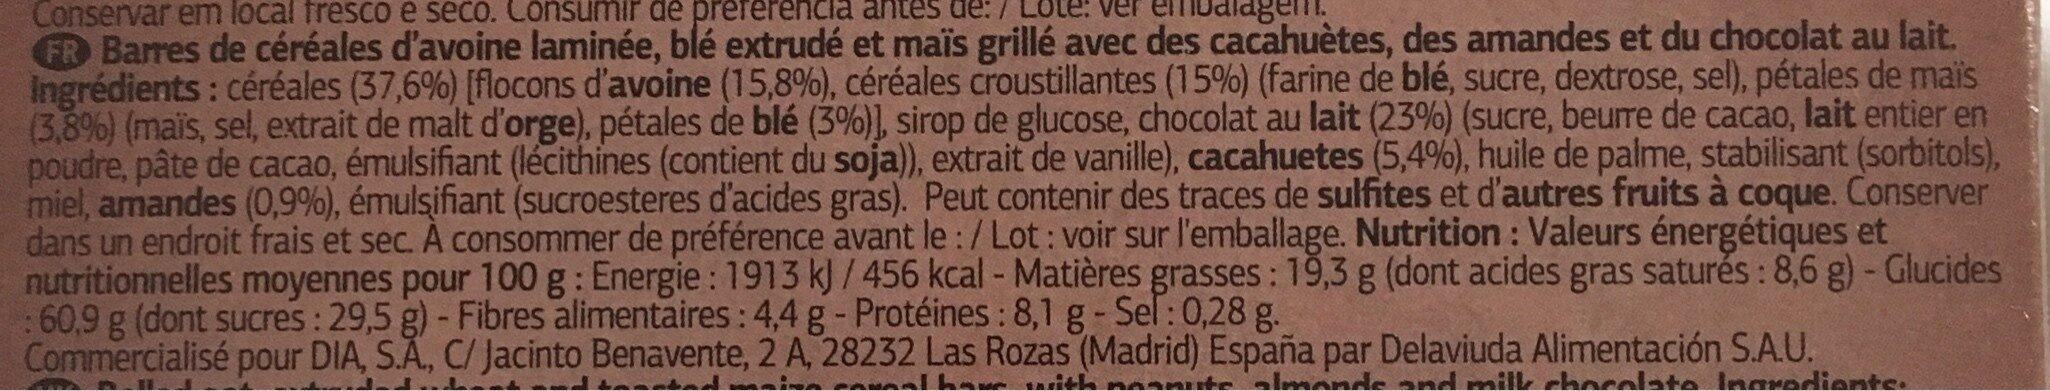 Barres de céréales avec du chocolat au lait - Ingrediënten - fr